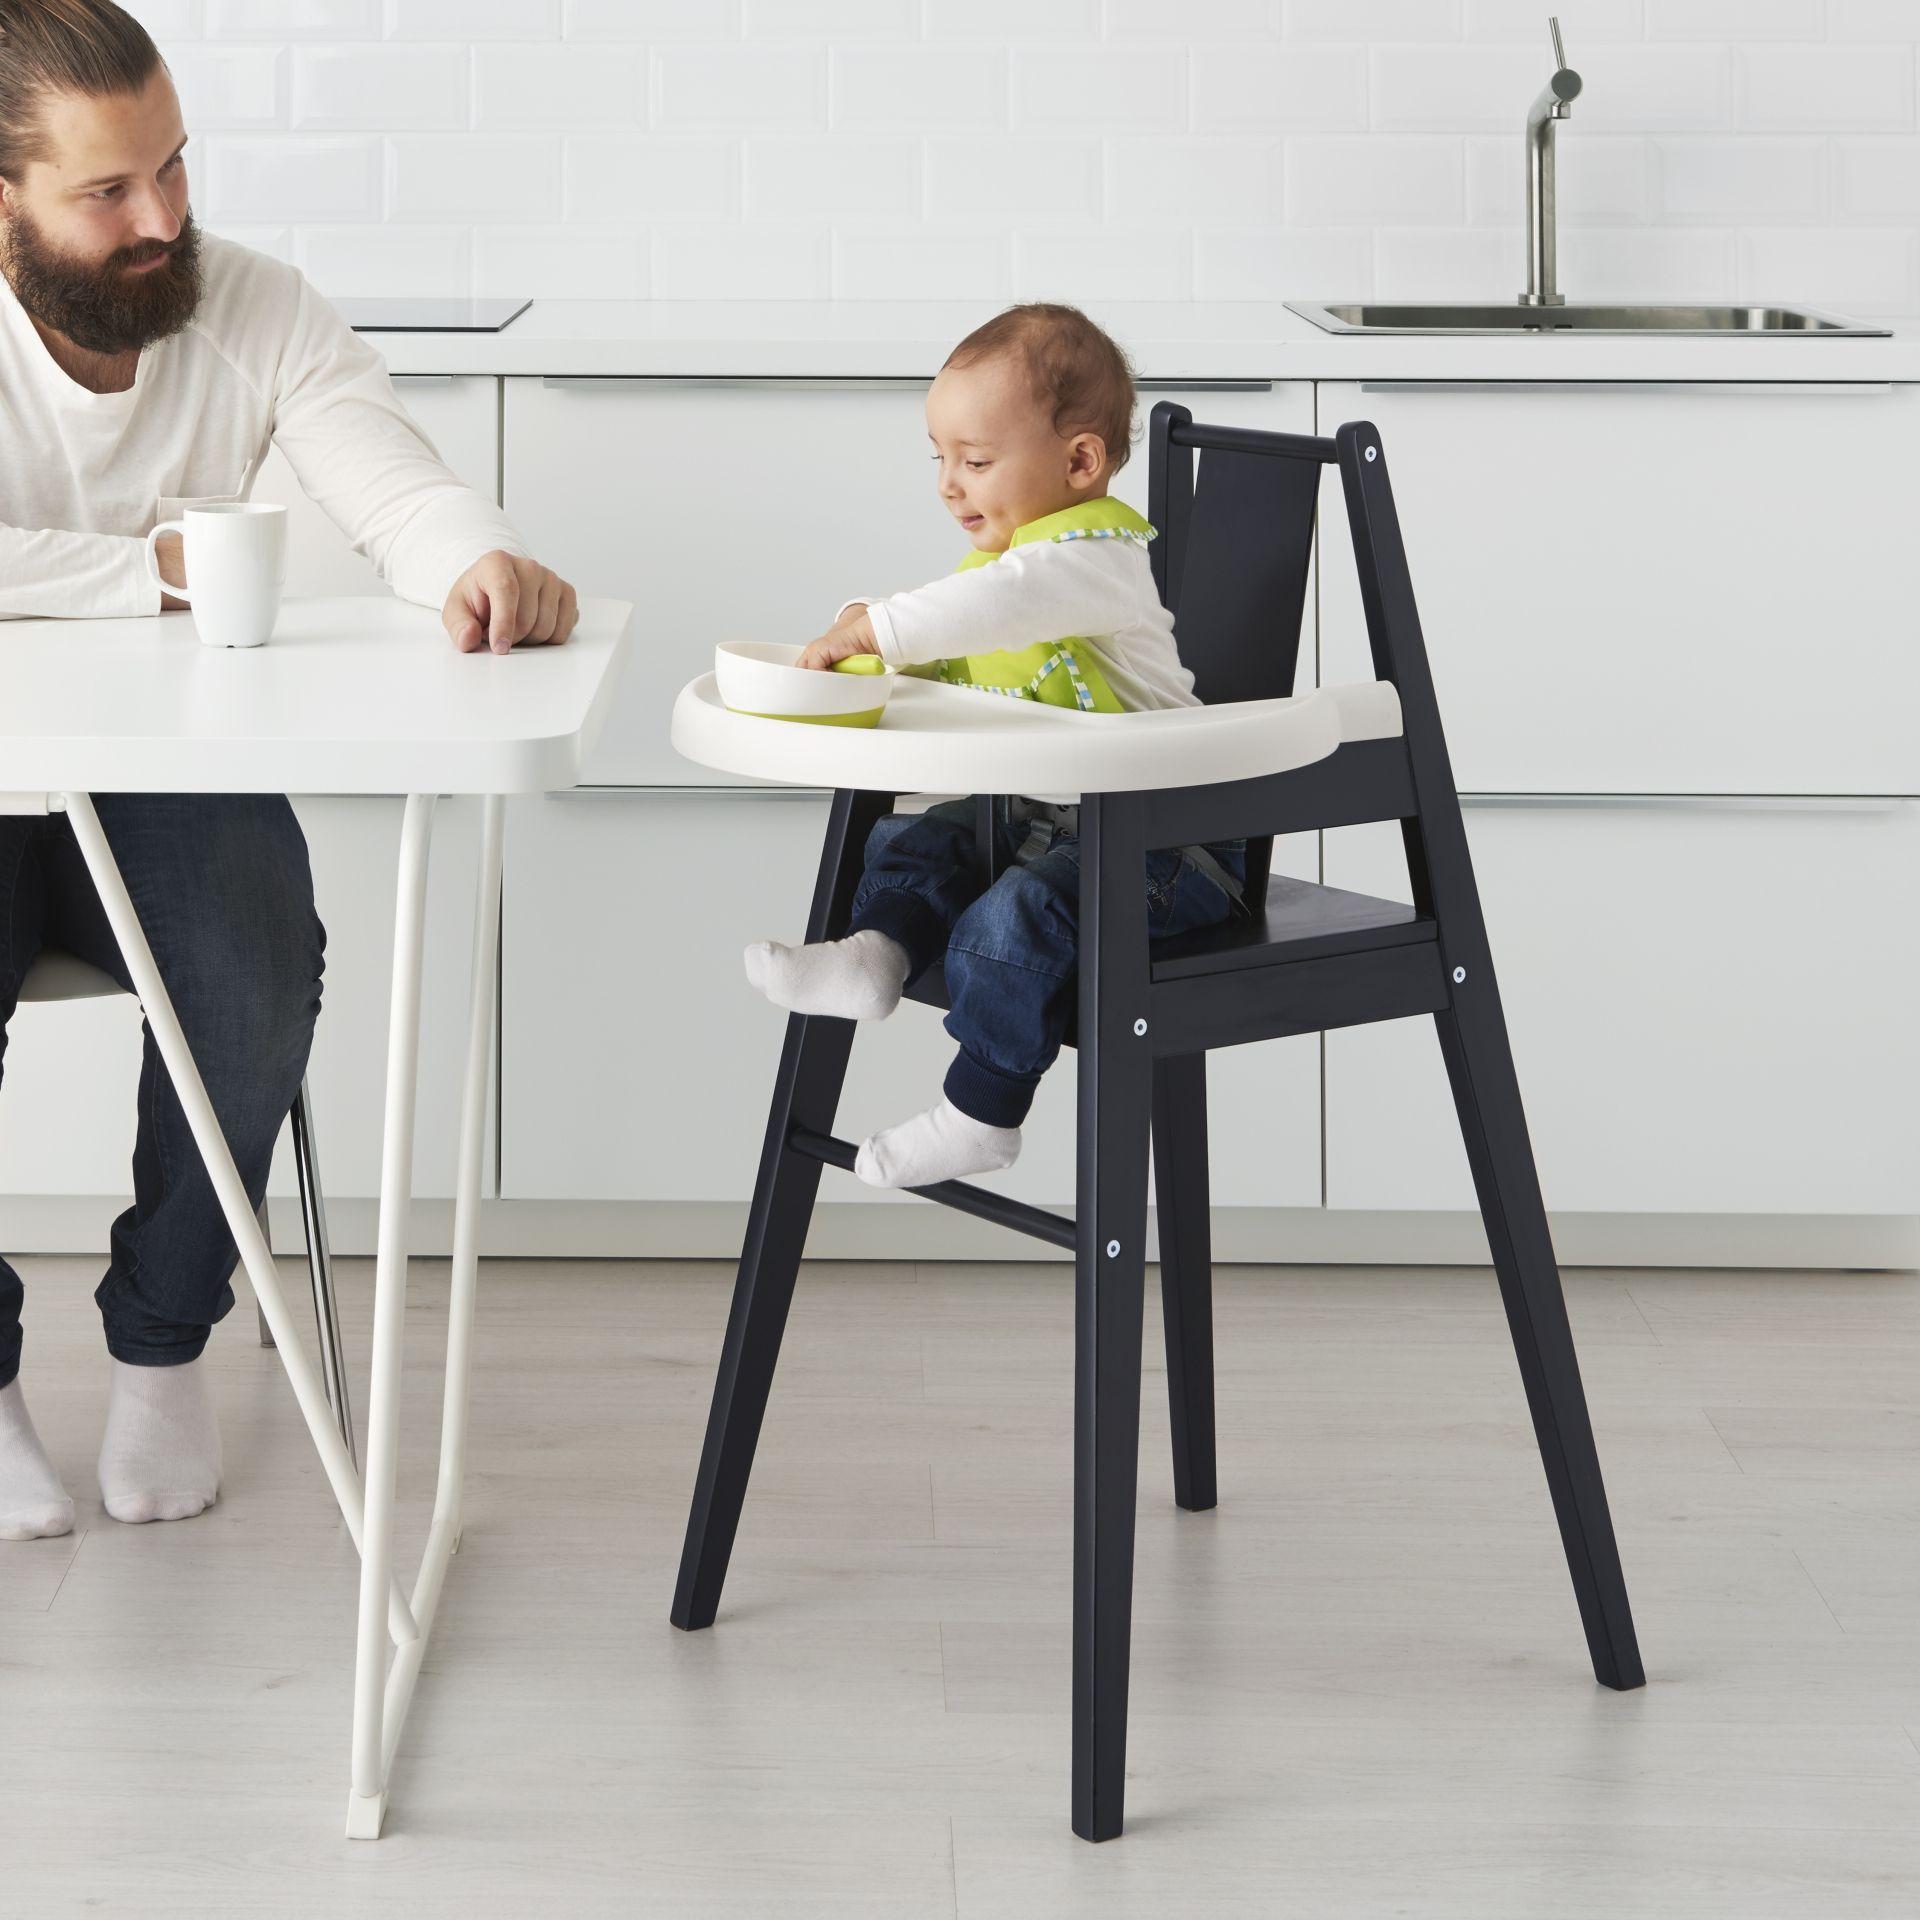 Hoge Stoel Kind.Blames Hoge Kinderstoel Met Blad Zwart Savannah Designdroom